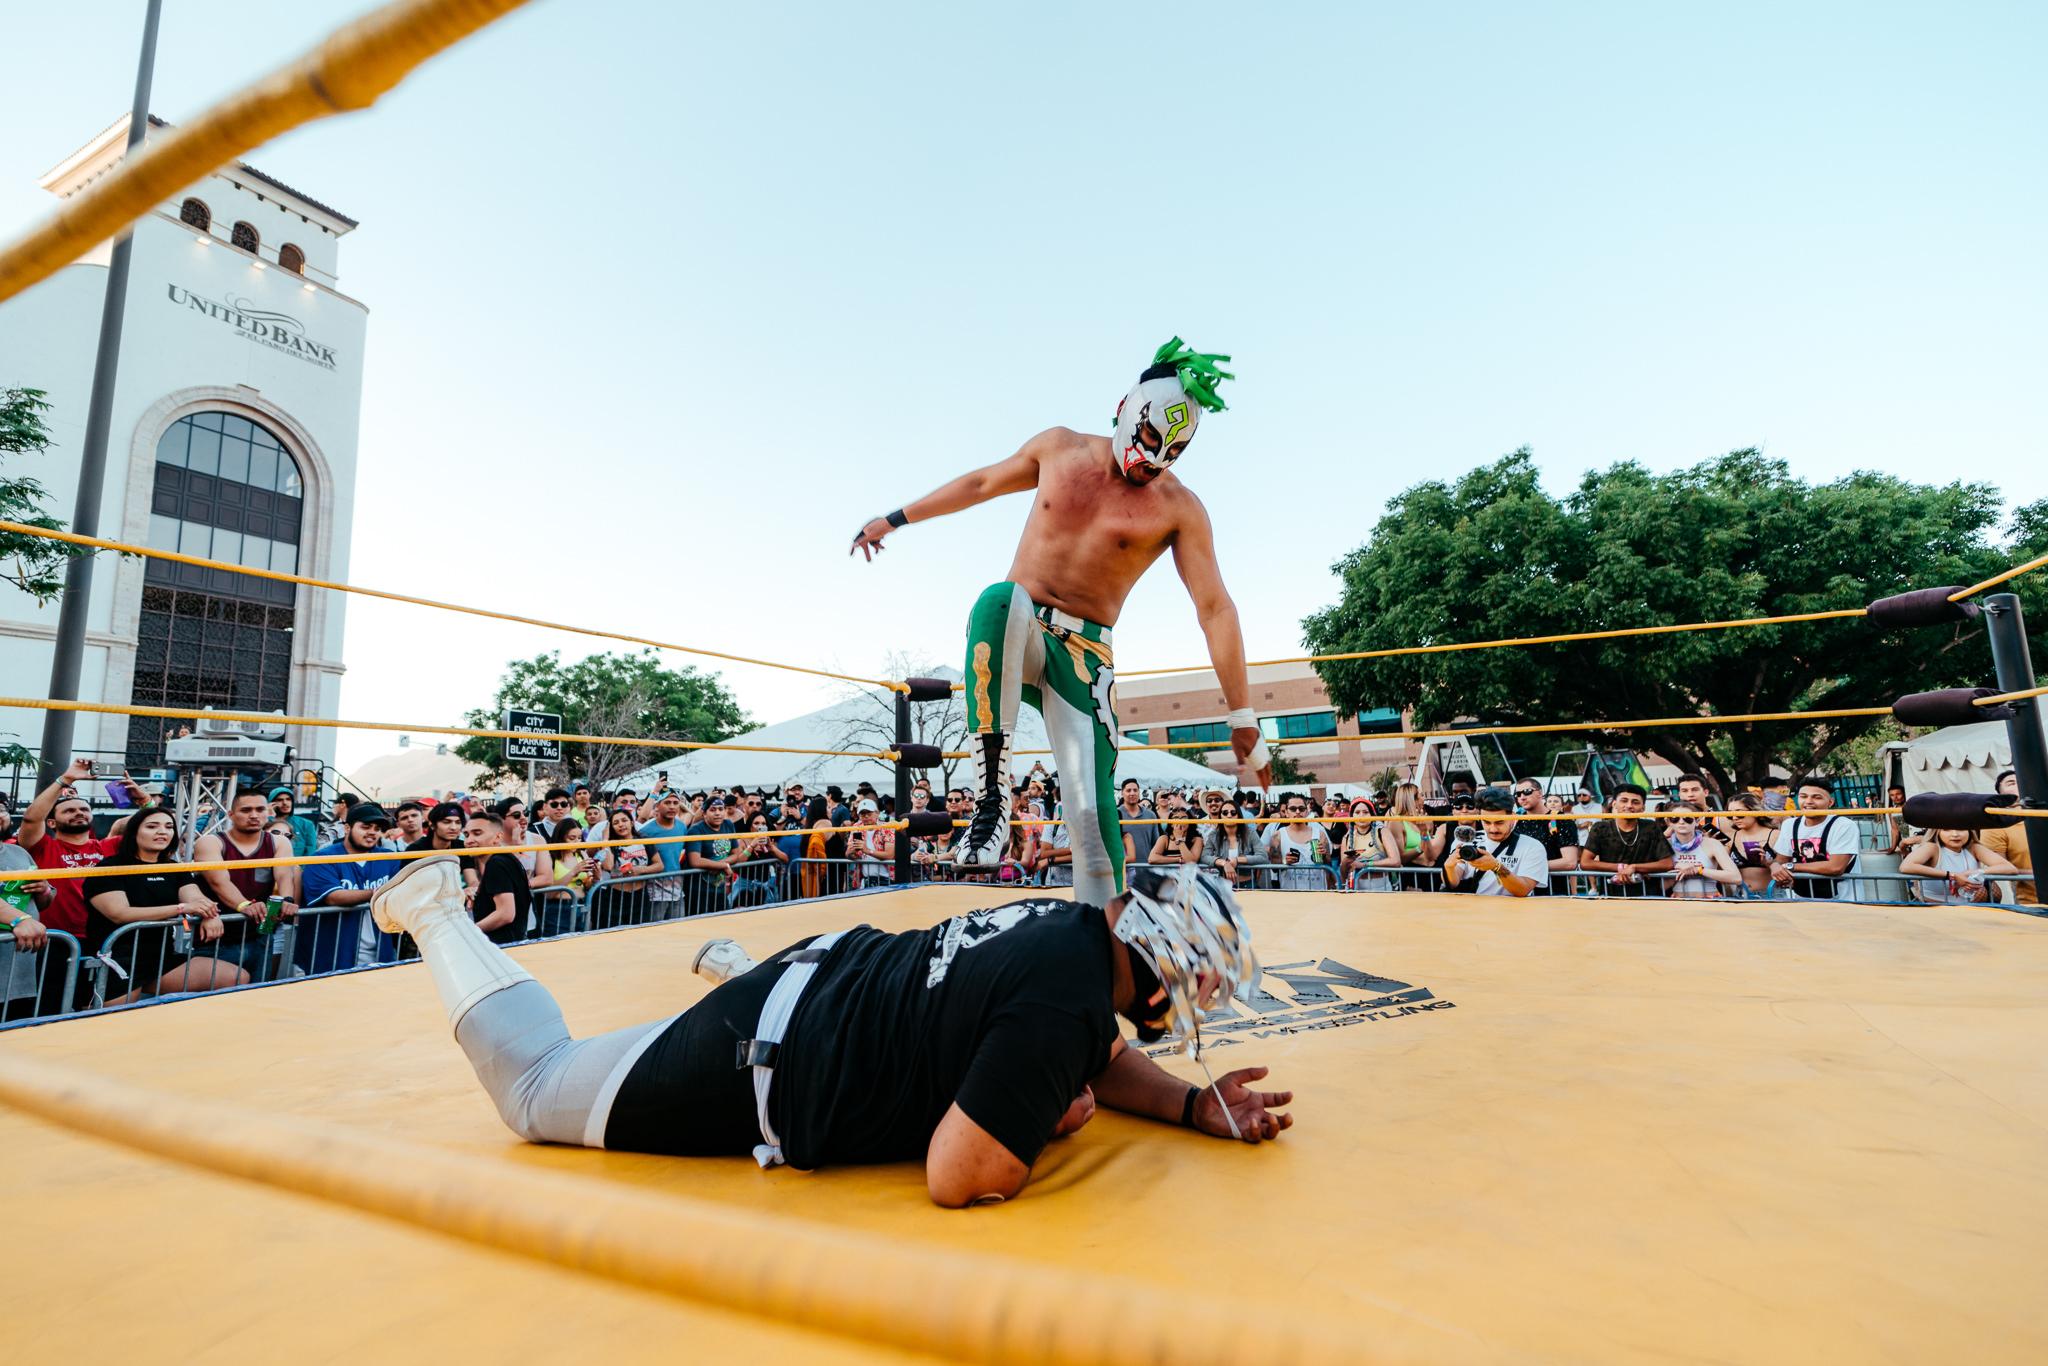 wrestling_NeonDesert2019_KirbyGladstein-09794.jpg